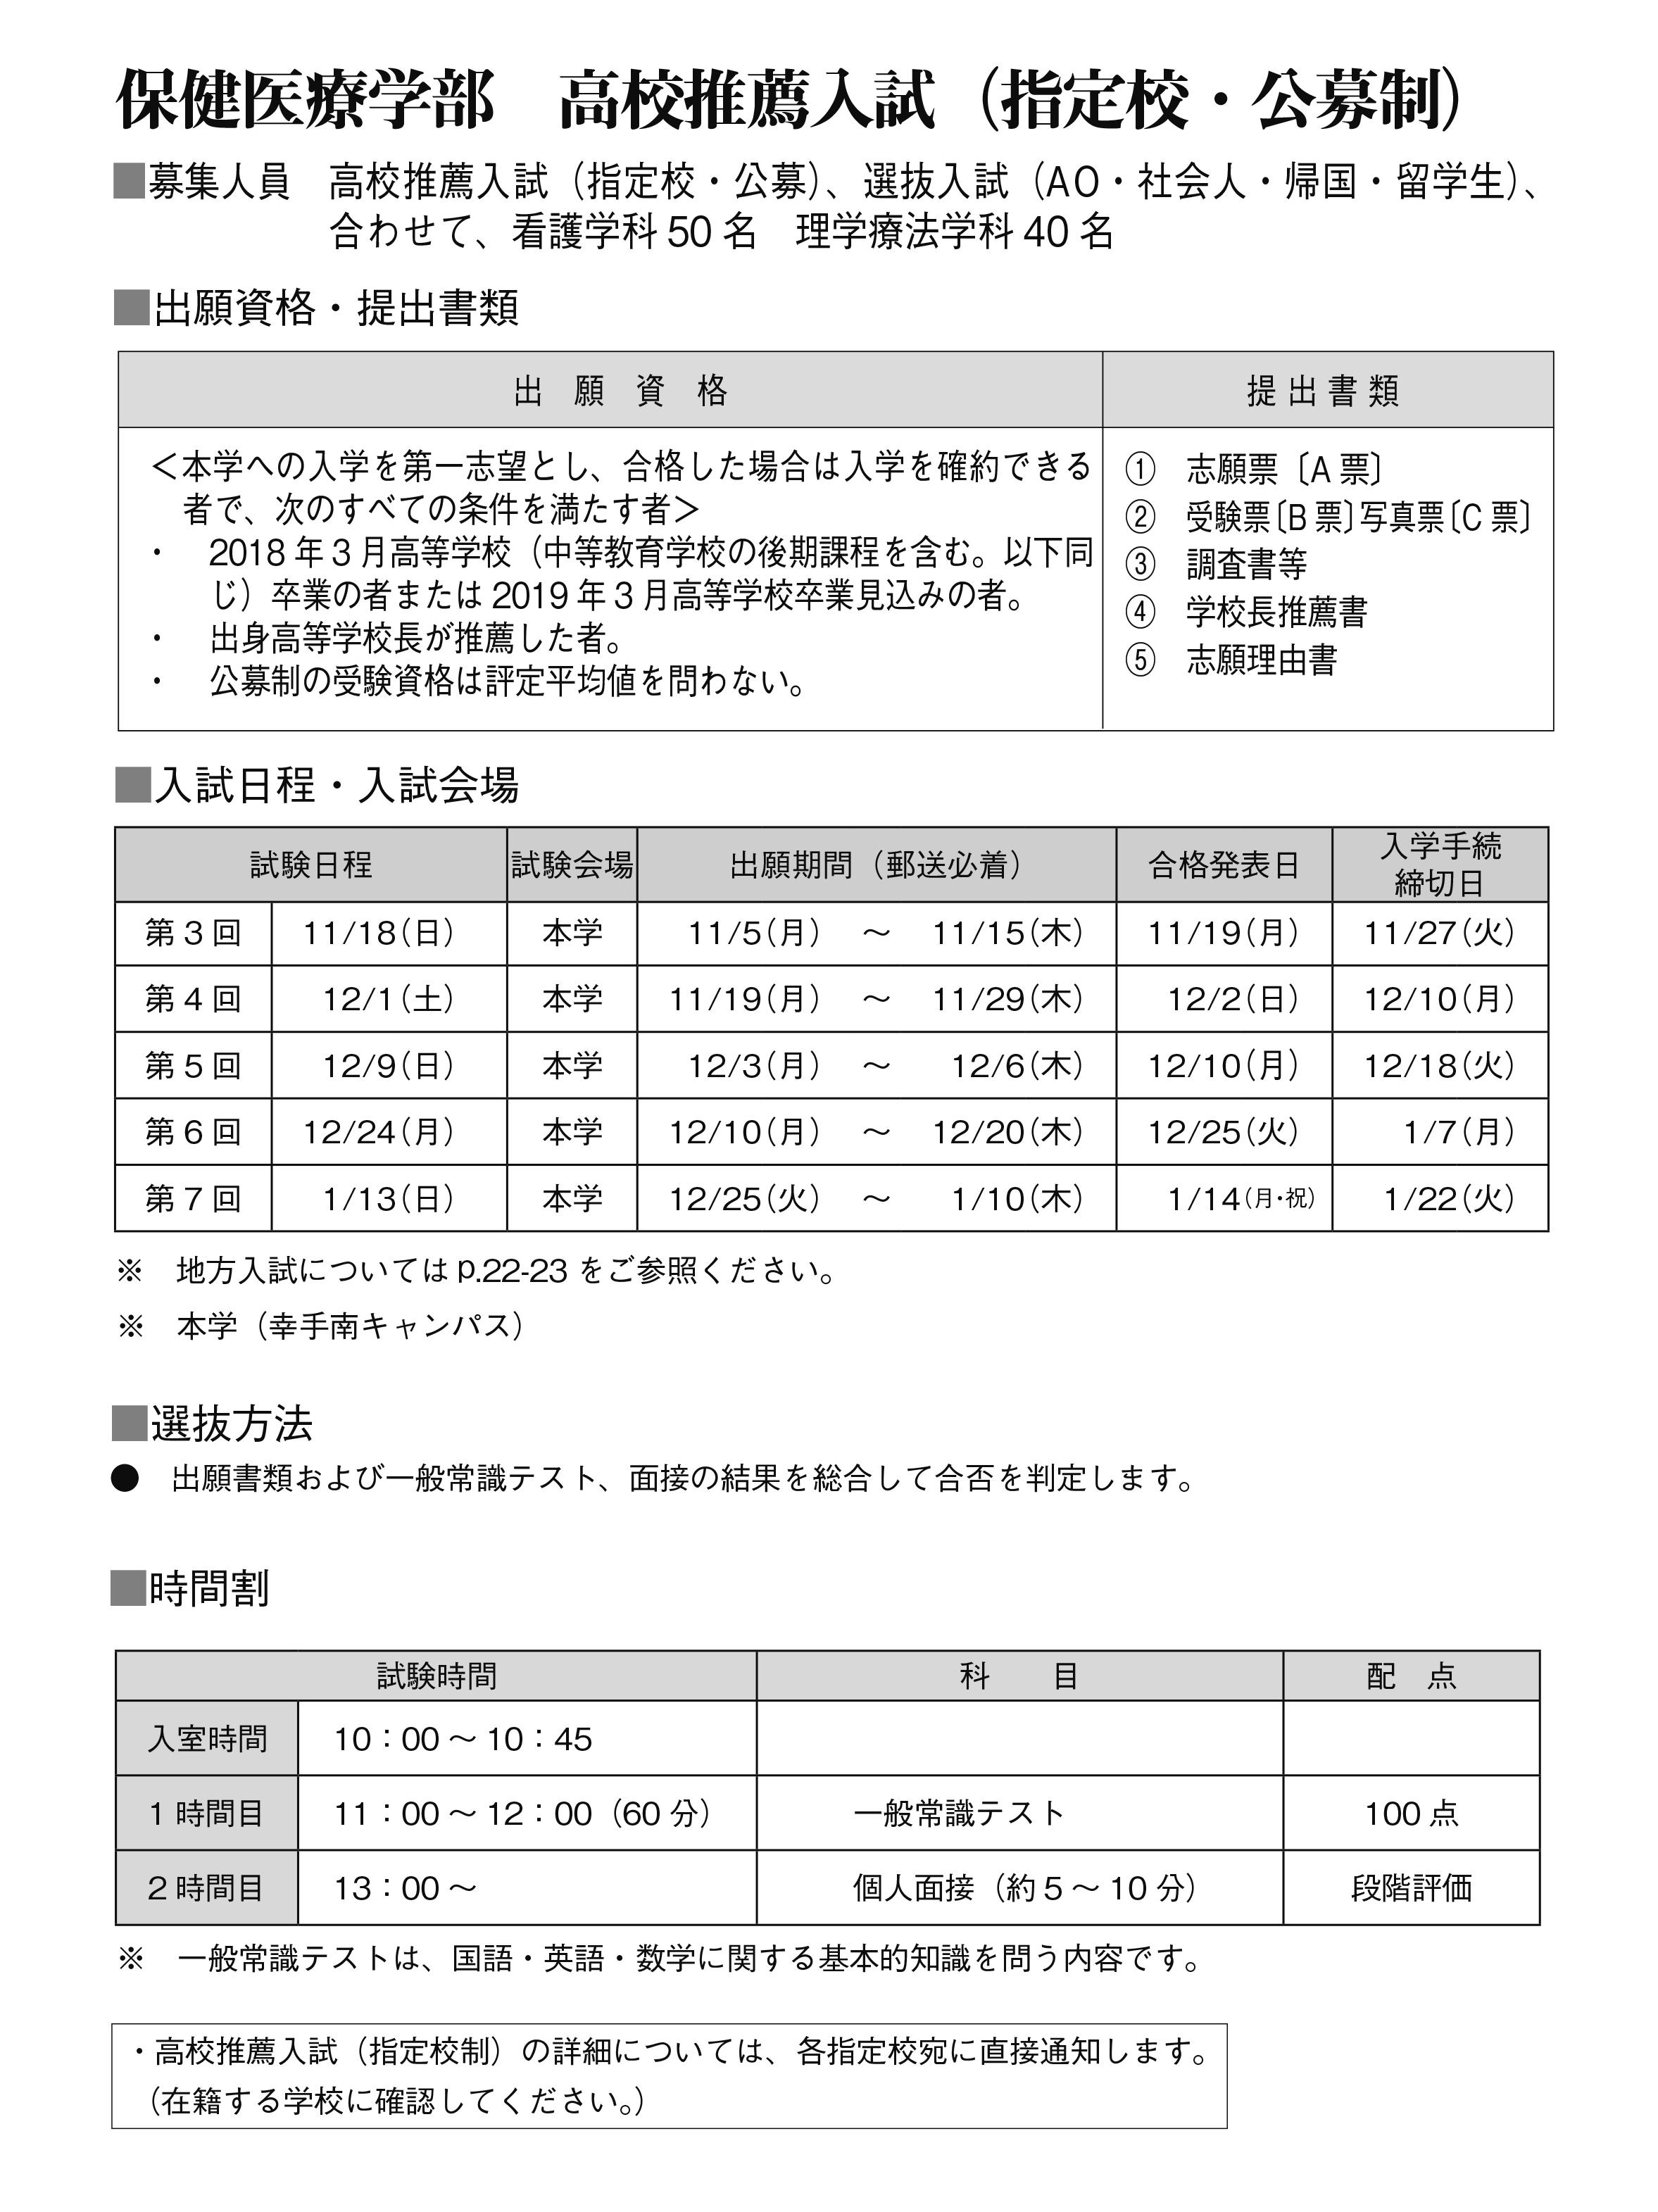 高校推薦入試【指定校・公募制】